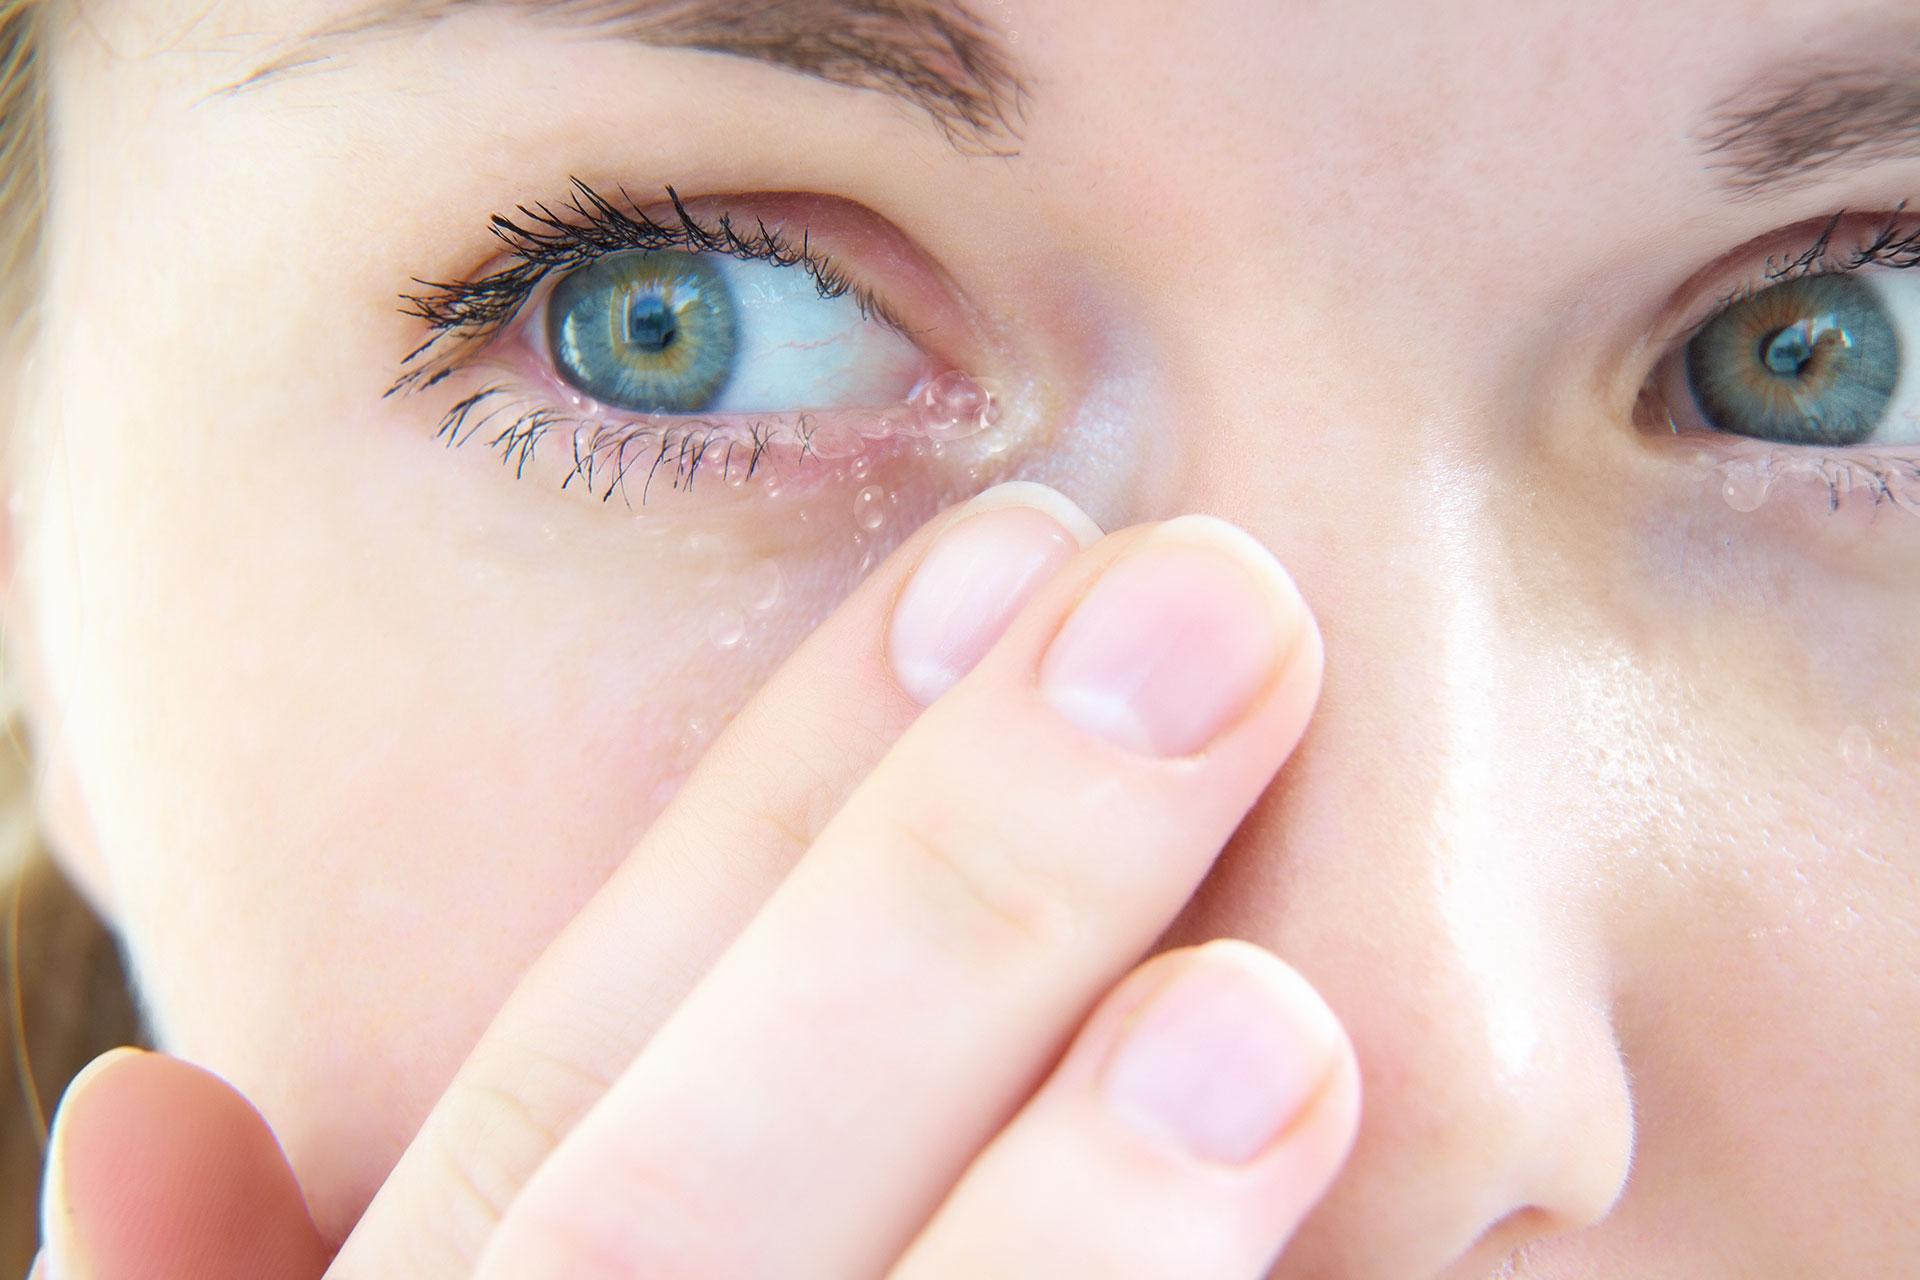 átlagos látás az embereknél ideje levenni a szemüveget: a látás helyreállítása